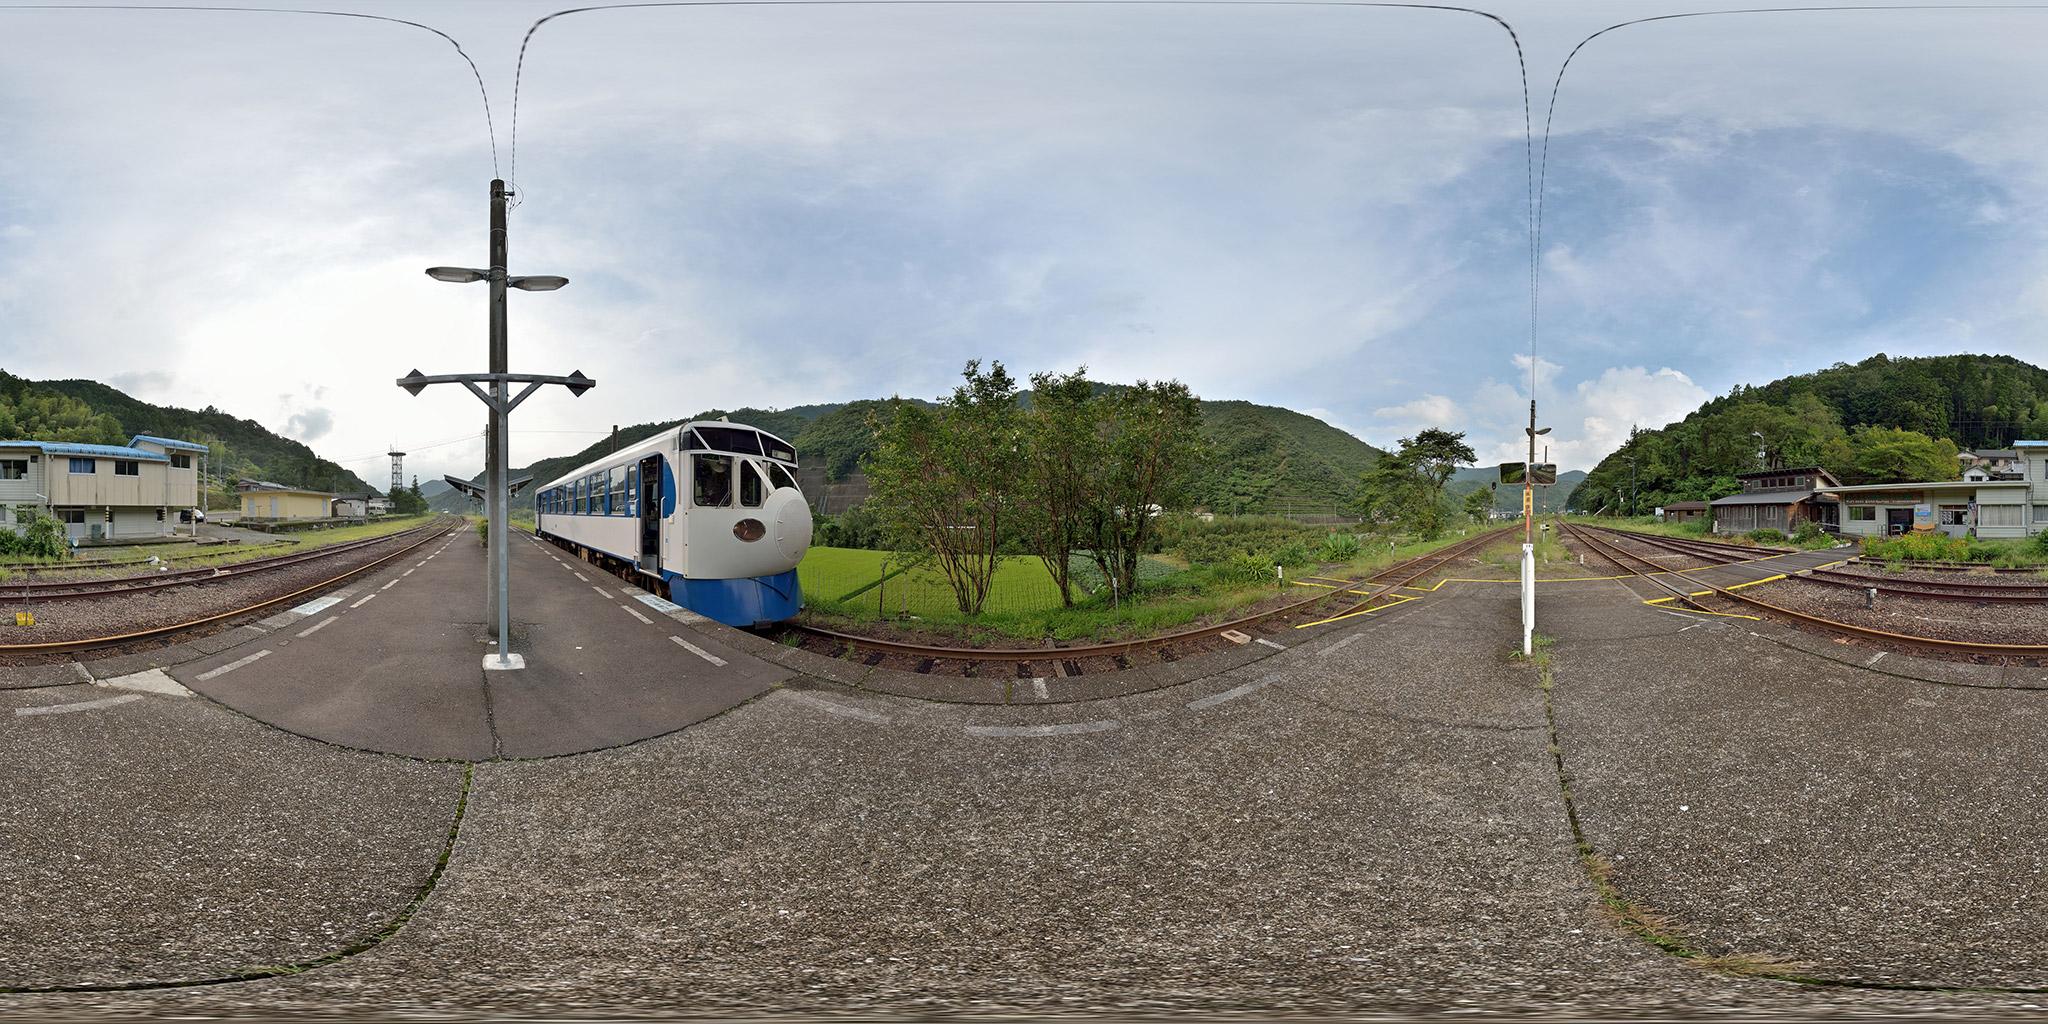 江川崎駅に停車する鉄道ホビートレイン(キハ32 3)